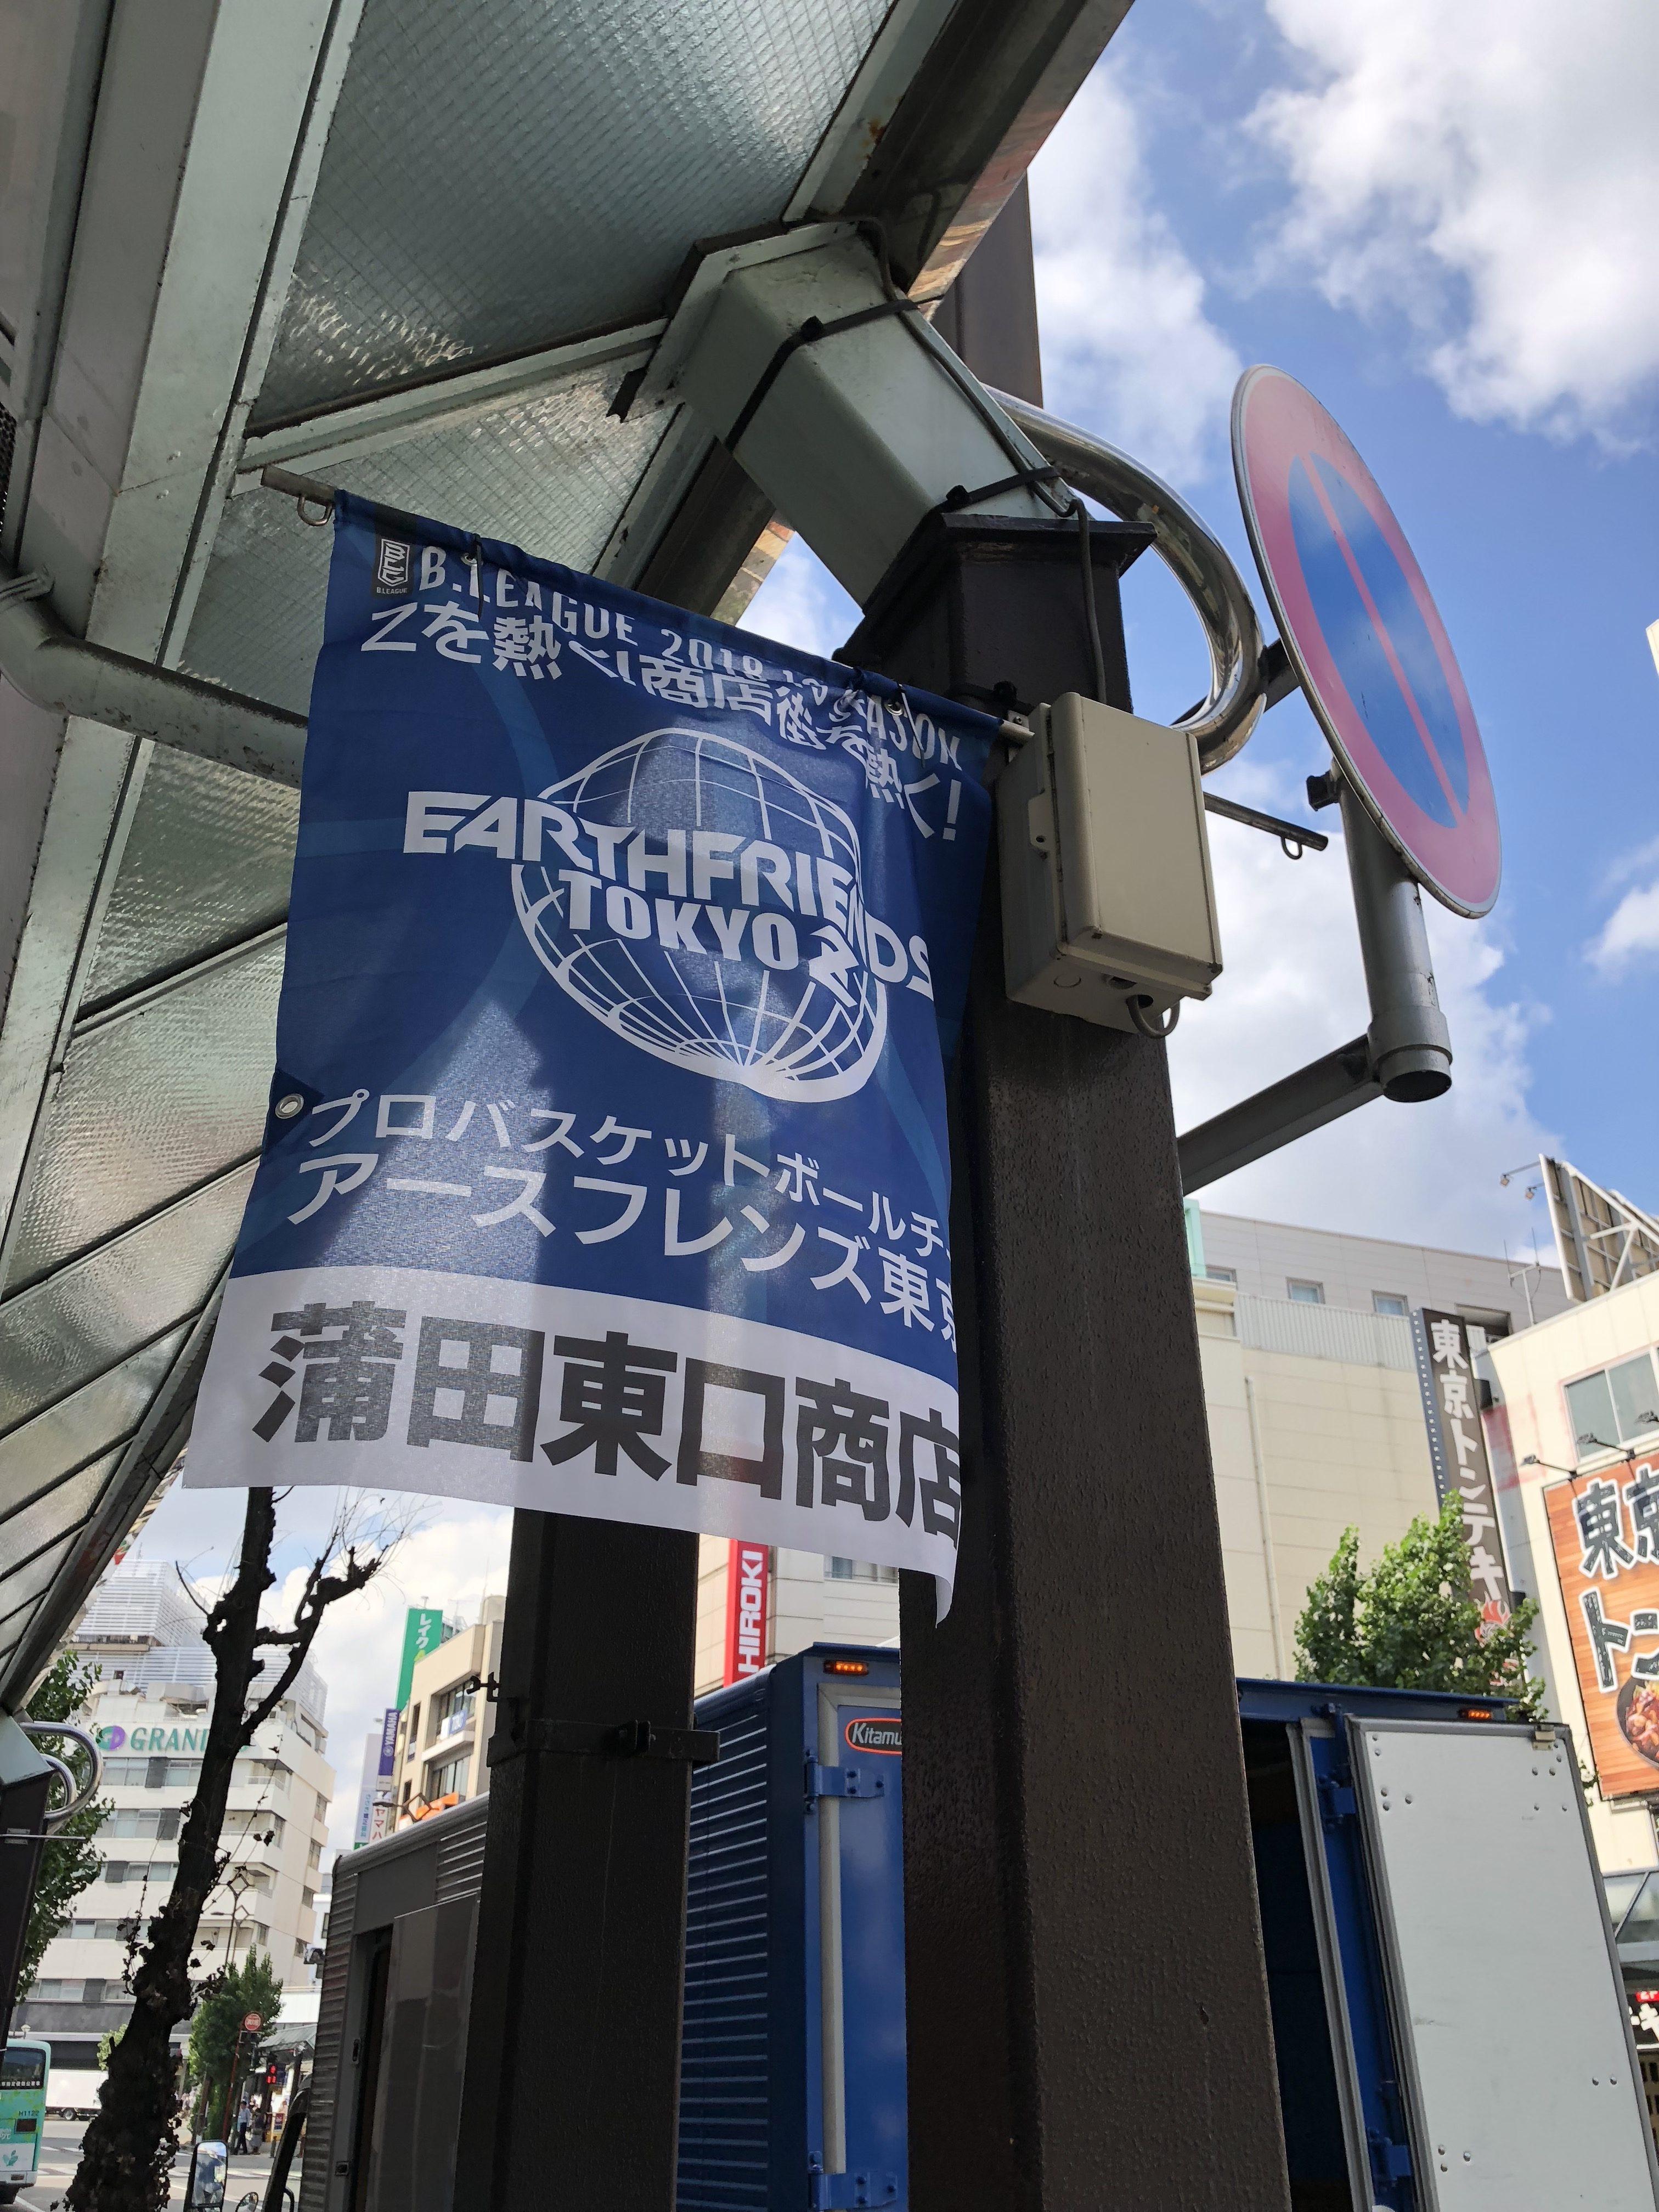 ホームタウンに行ってみた!No.1 アースフレンズ東京Z